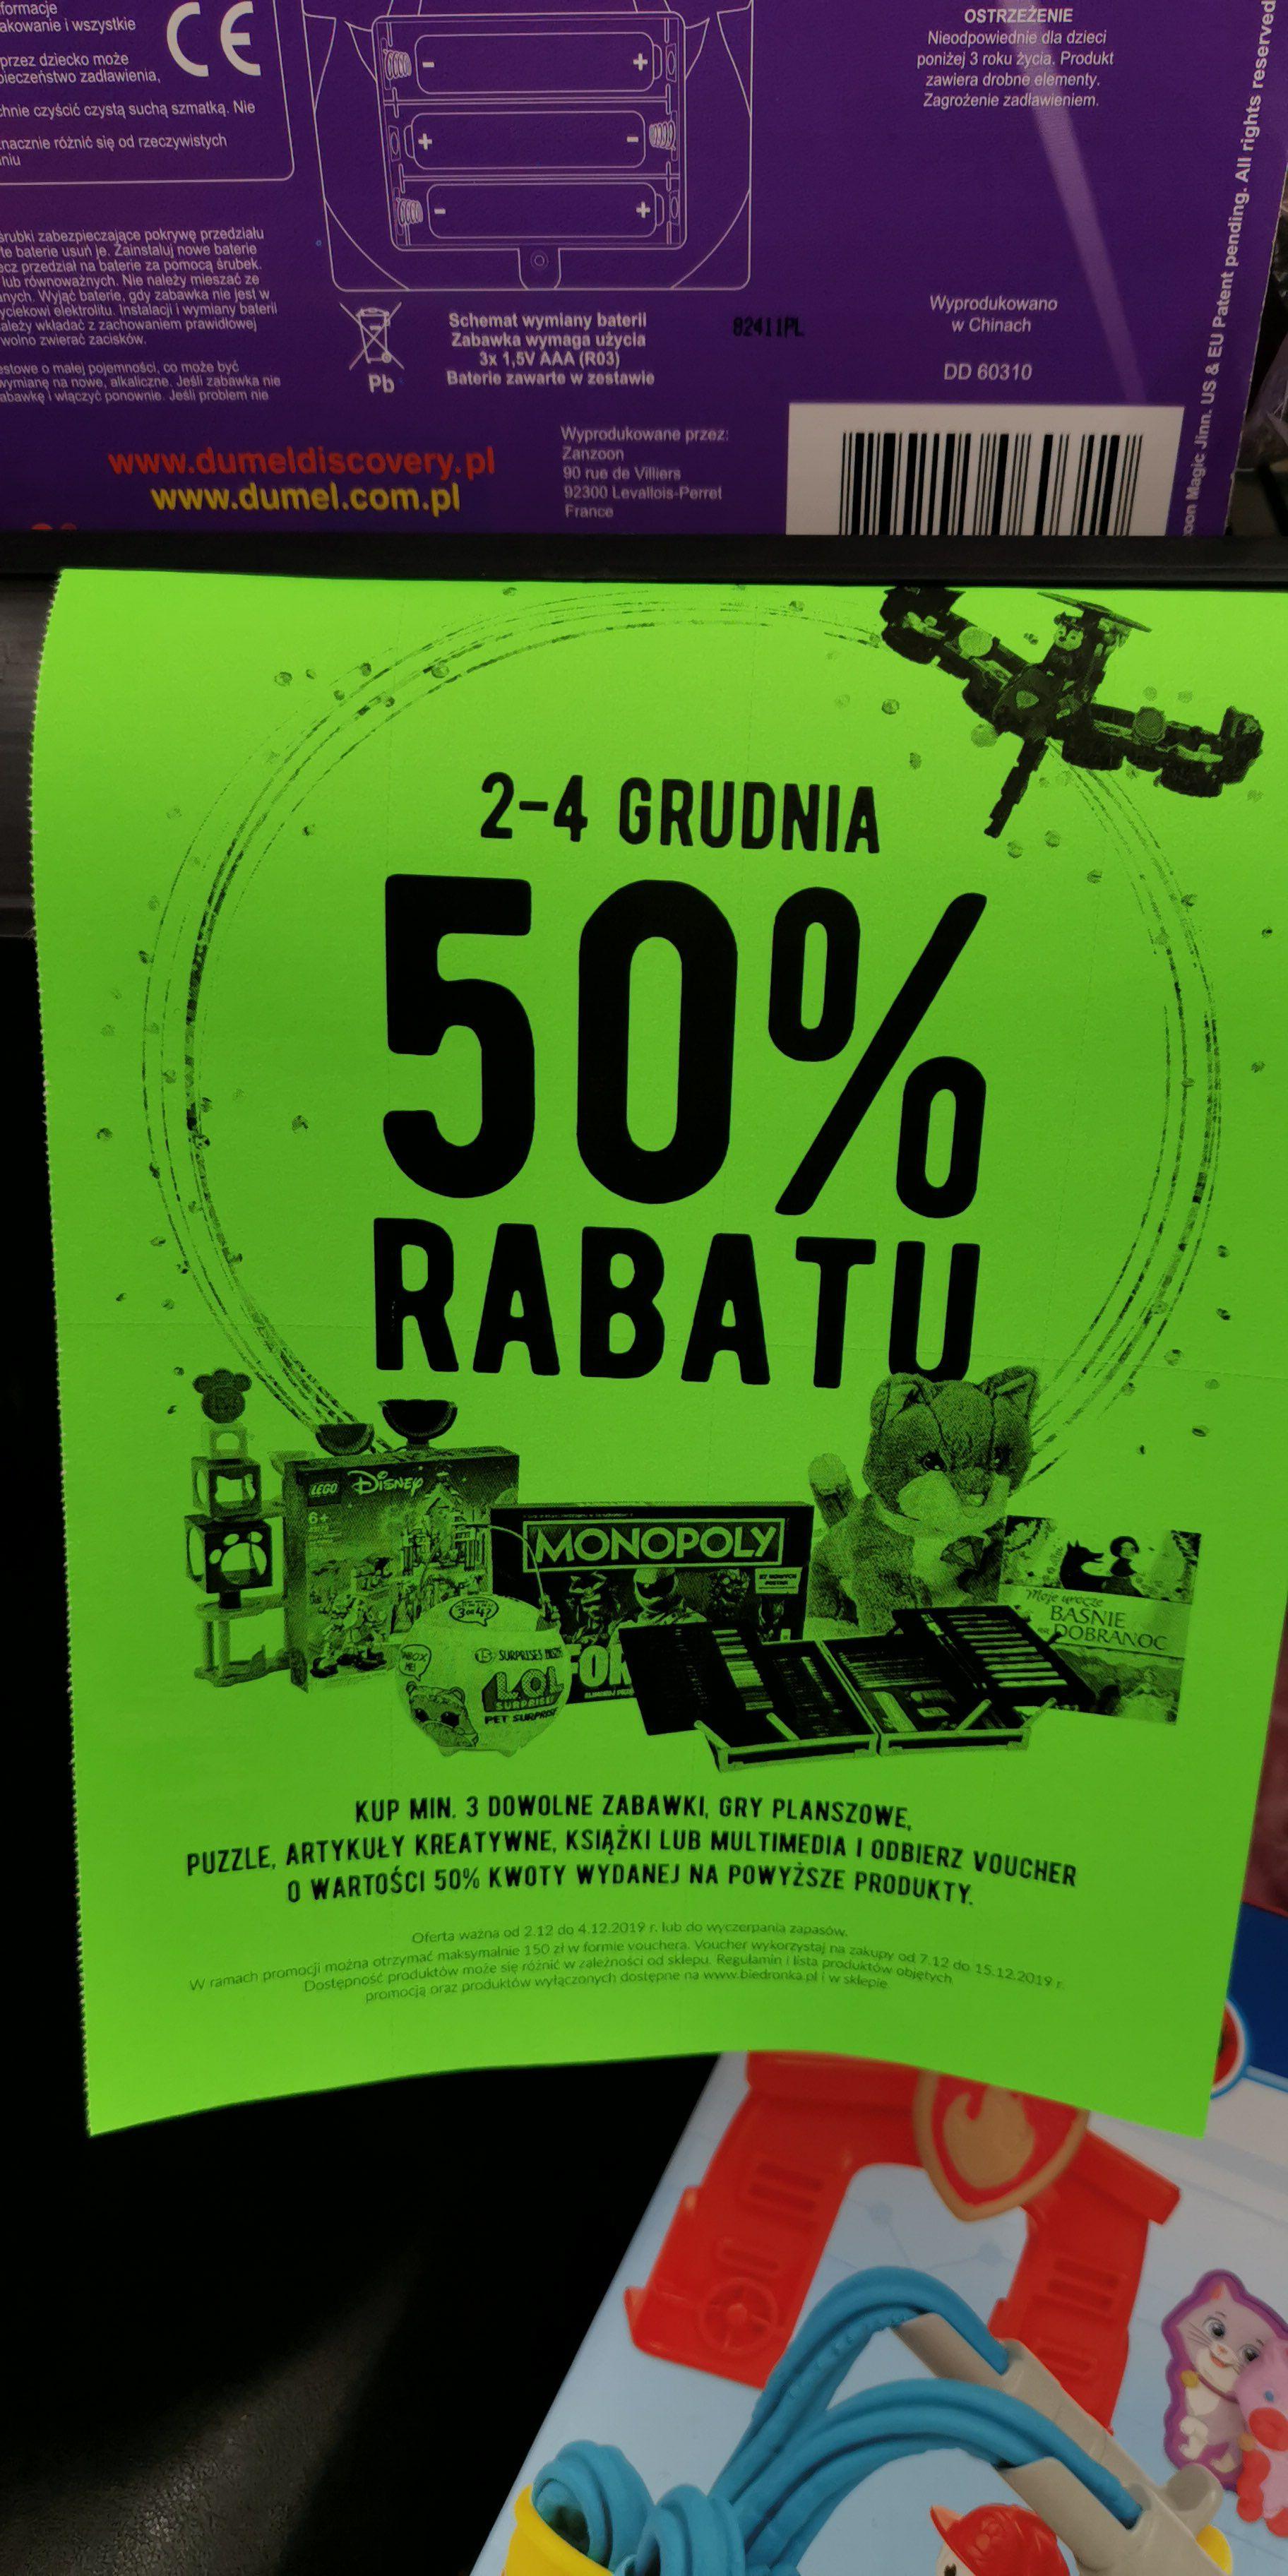 Kup minimum 3 dowolne zabawki, puzzle bądź artykuły kreatywne a 50% dostaniesz w bonie na następne zakupy w Biedronce